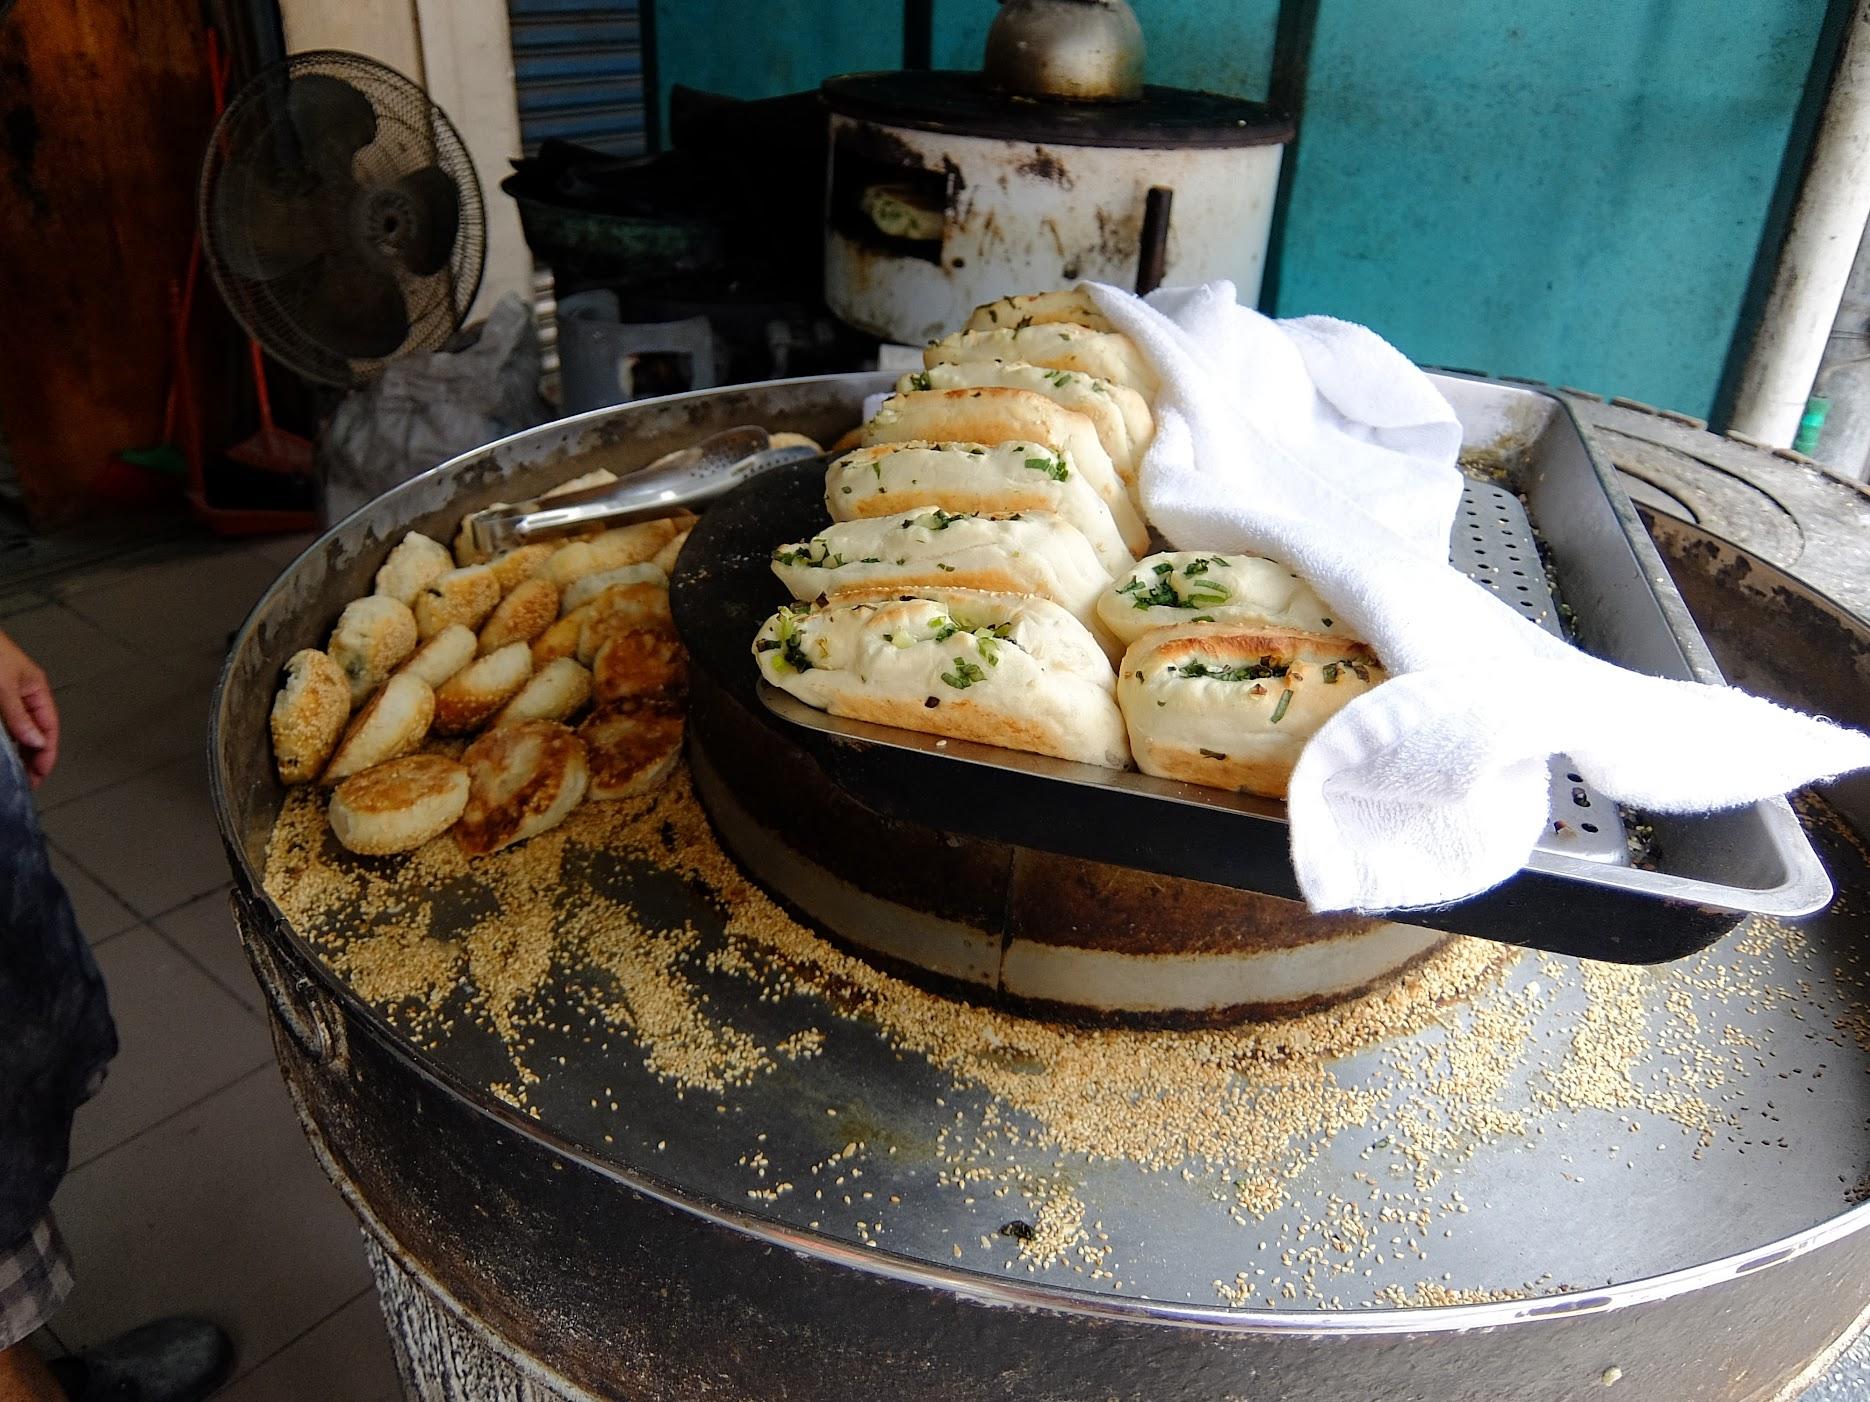 賣的總類就二種,其中蟹殼黃燒餅有甜的跟鹹的二種選擇